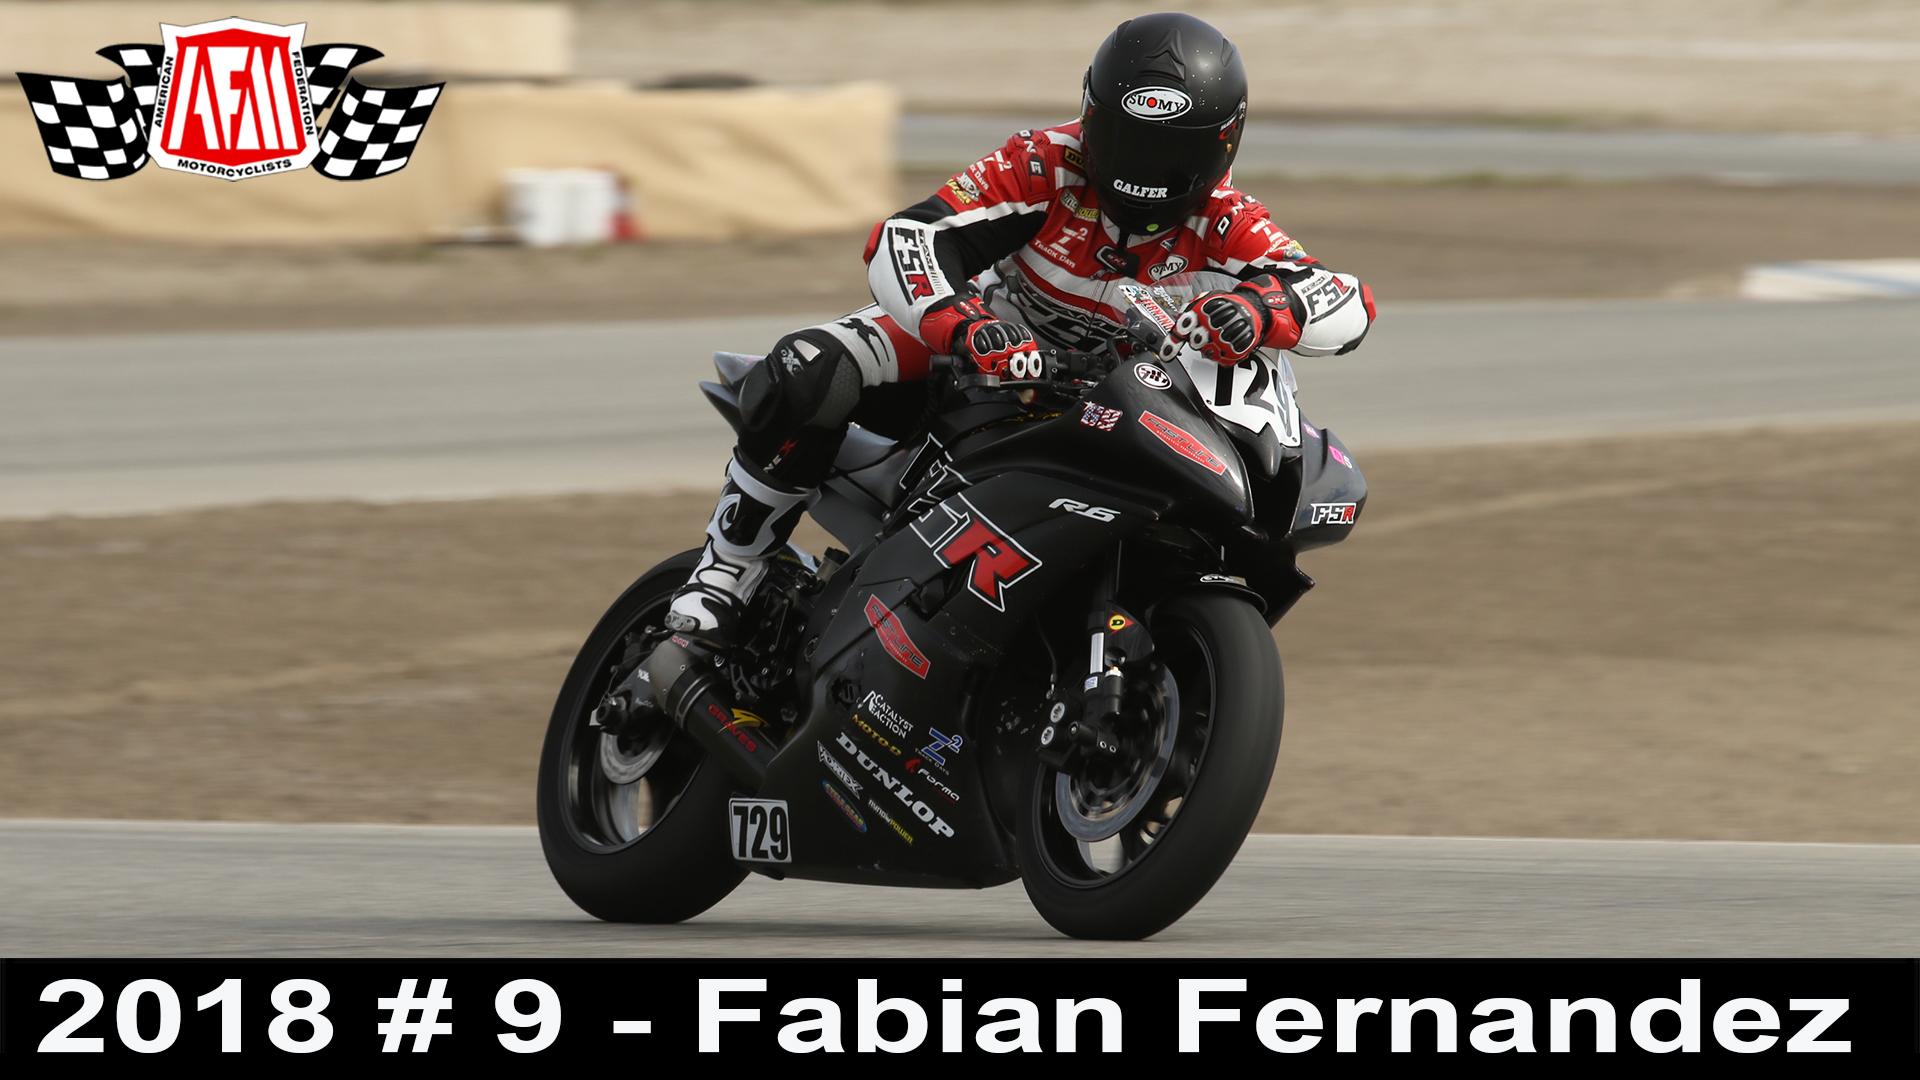 09_Fabian_Fernandez.jpg